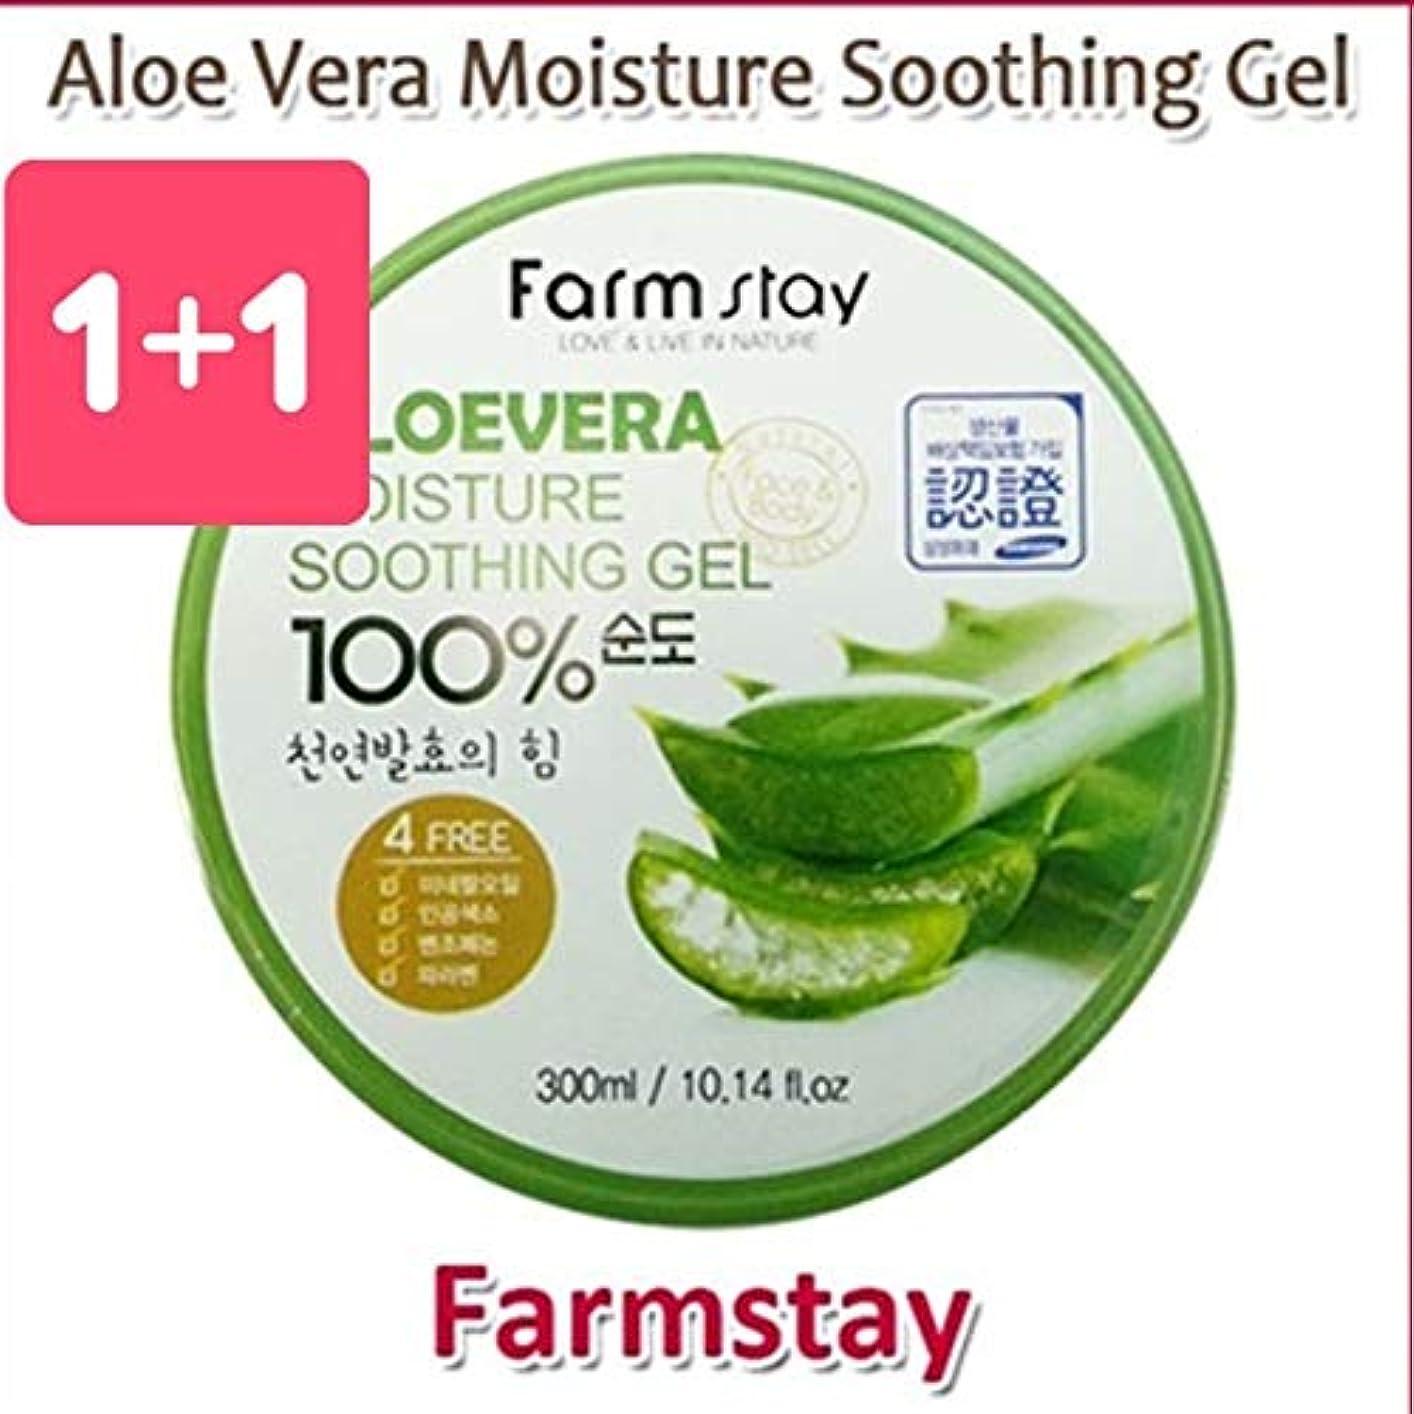 カレッジ服を着る充実Farm Stay Aloe Vera Moisture Soothing Gel 300ml 1+1 Big Sale/オーガニック アロエベラゲル 100%/保湿ケア/韓国コスメ/Aloe Vera 100% /Moisturizing...